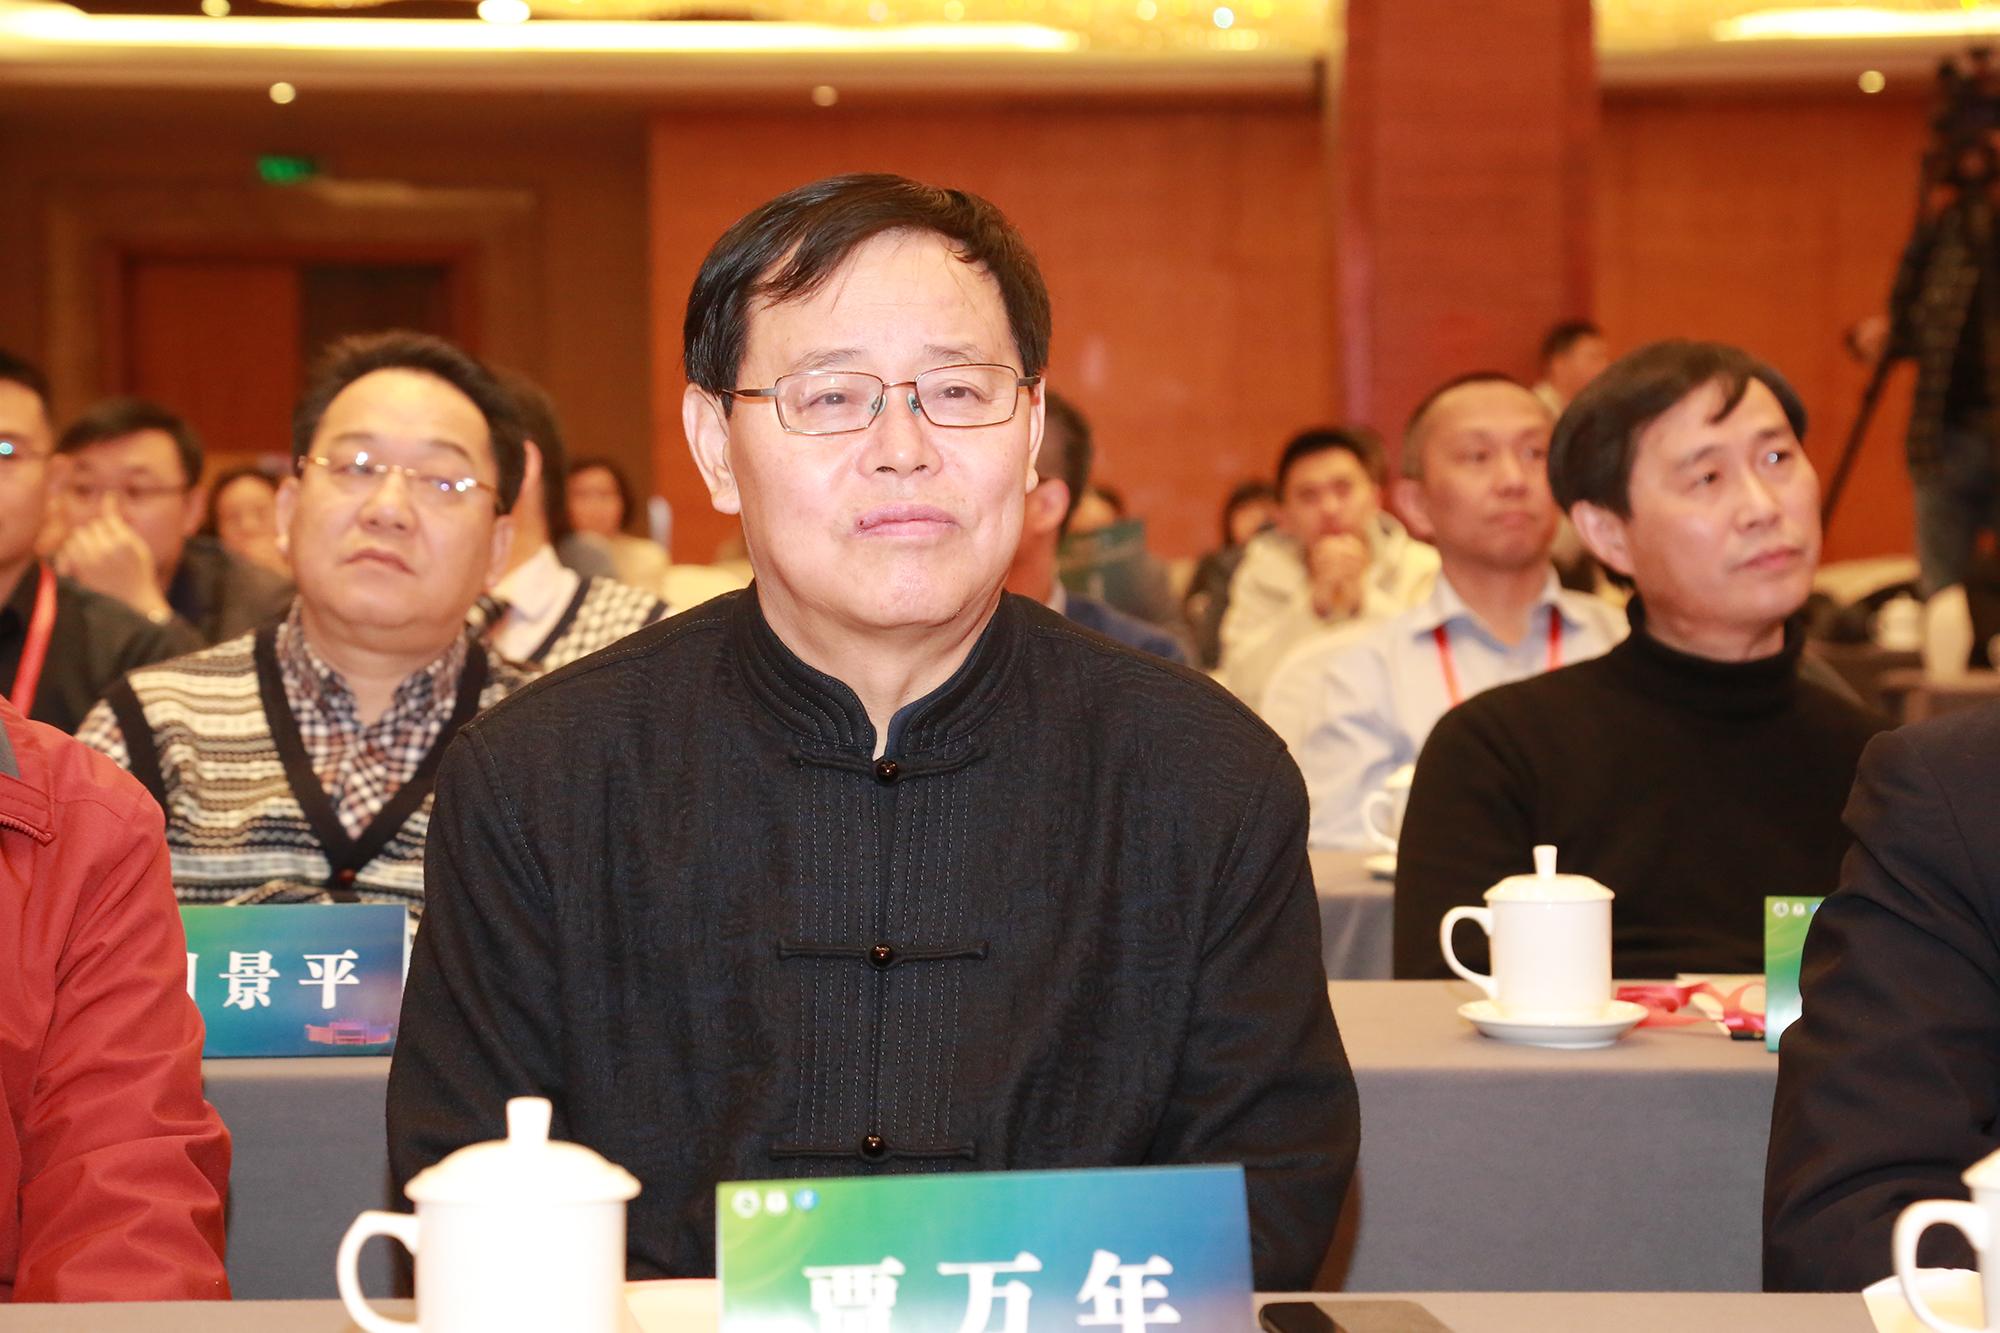 中国医药教育协会小儿神经外科(互联网)分会成立大会在西安召开